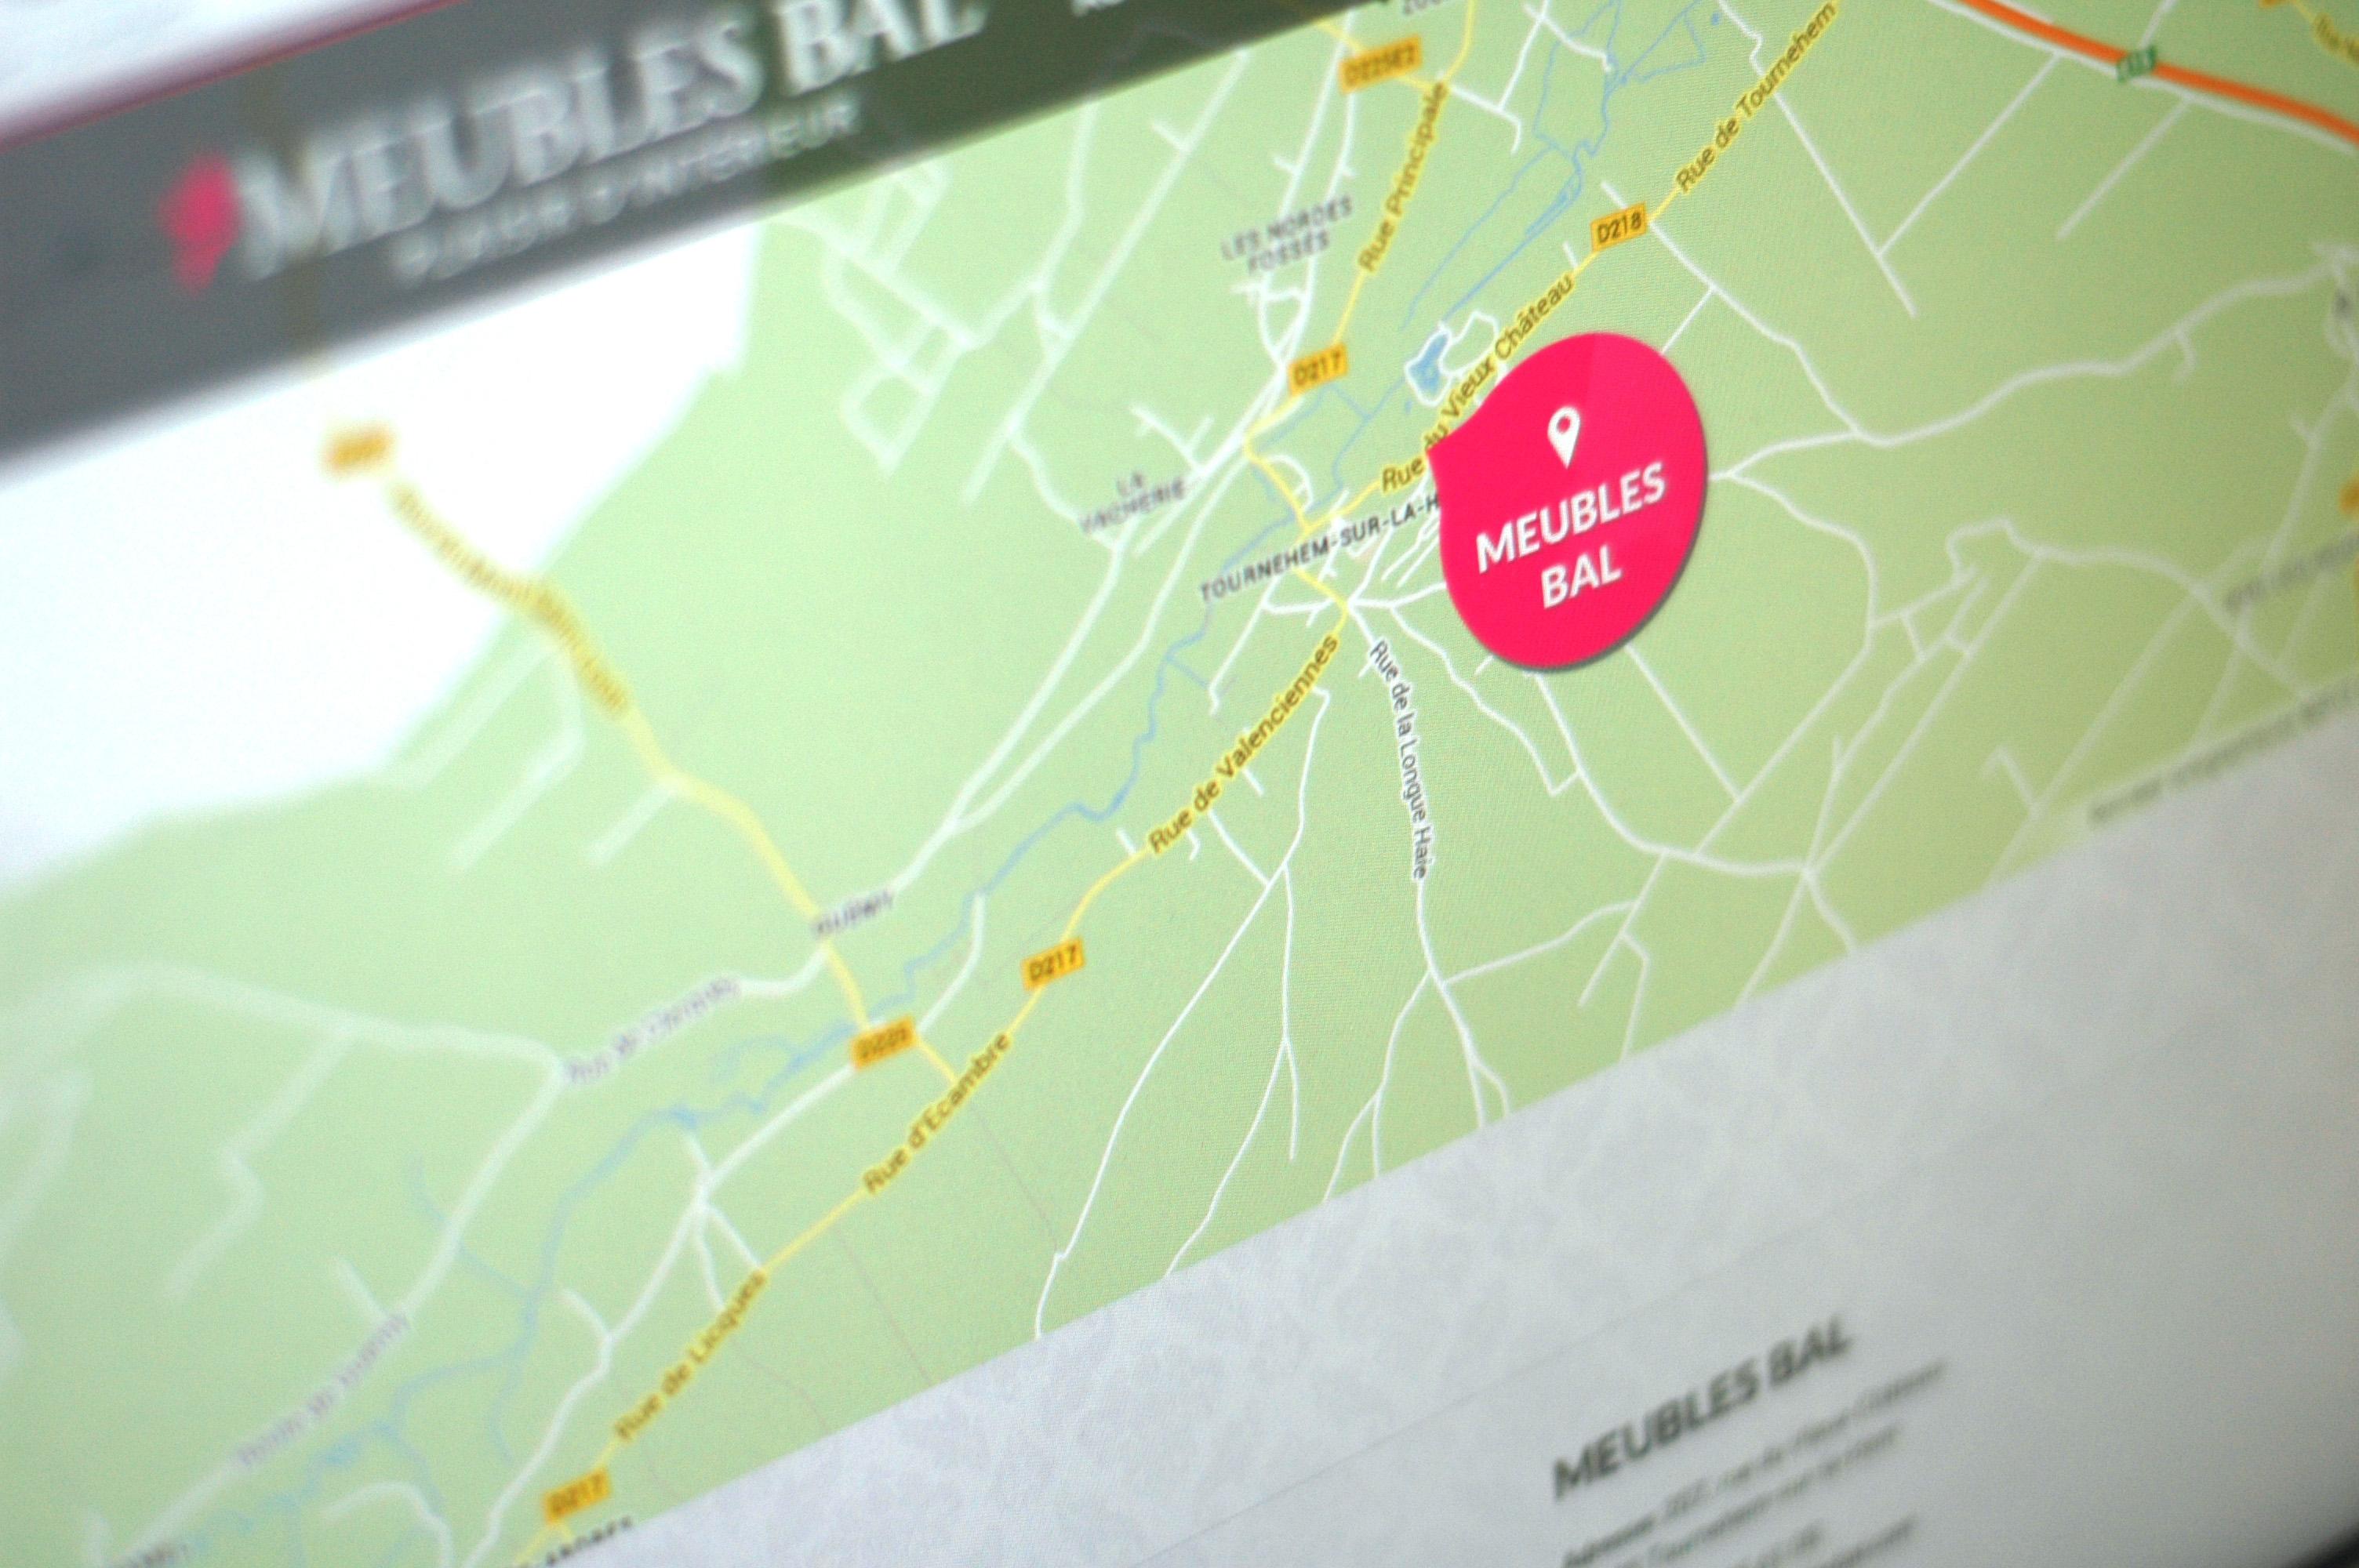 création de site web Saint Omer nord pas-de-calais 59/62 design de site web wordpress Meubles BAL